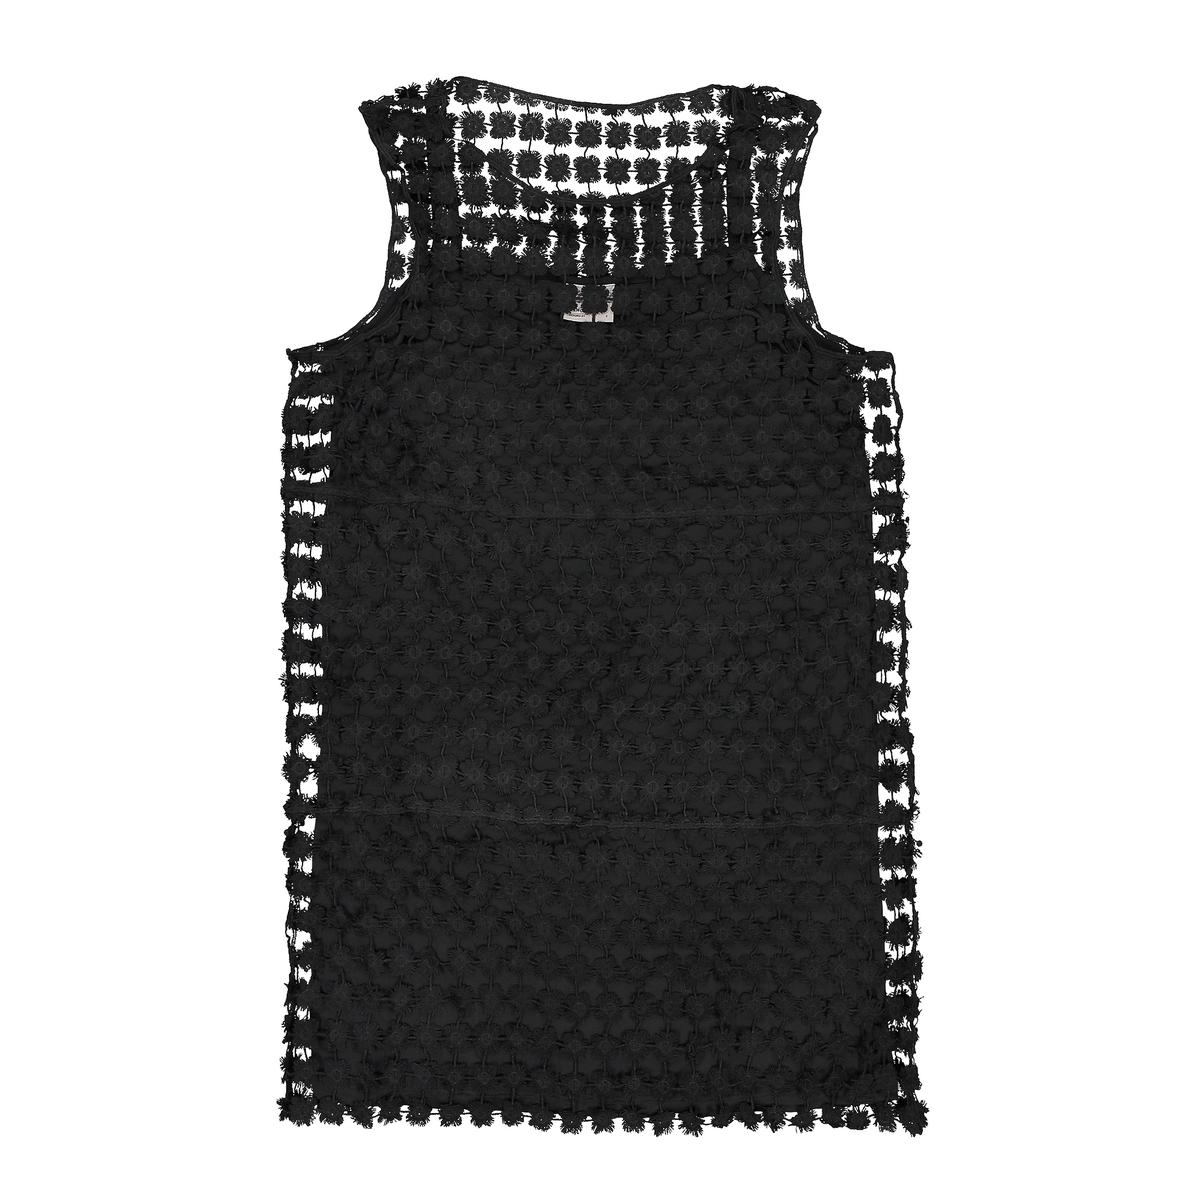 Платье ажурное на подкладкеДетали   •  Форма : средняя •  короткое  •  Тонкие бретели     •  Без воротника Состав и уход   •  100% полиэстер  •  Просьба следовать советам по уходу, указанным на этикетке изделия<br><br>Цвет: коралловый,черный<br>Размер: L.XL.L.M